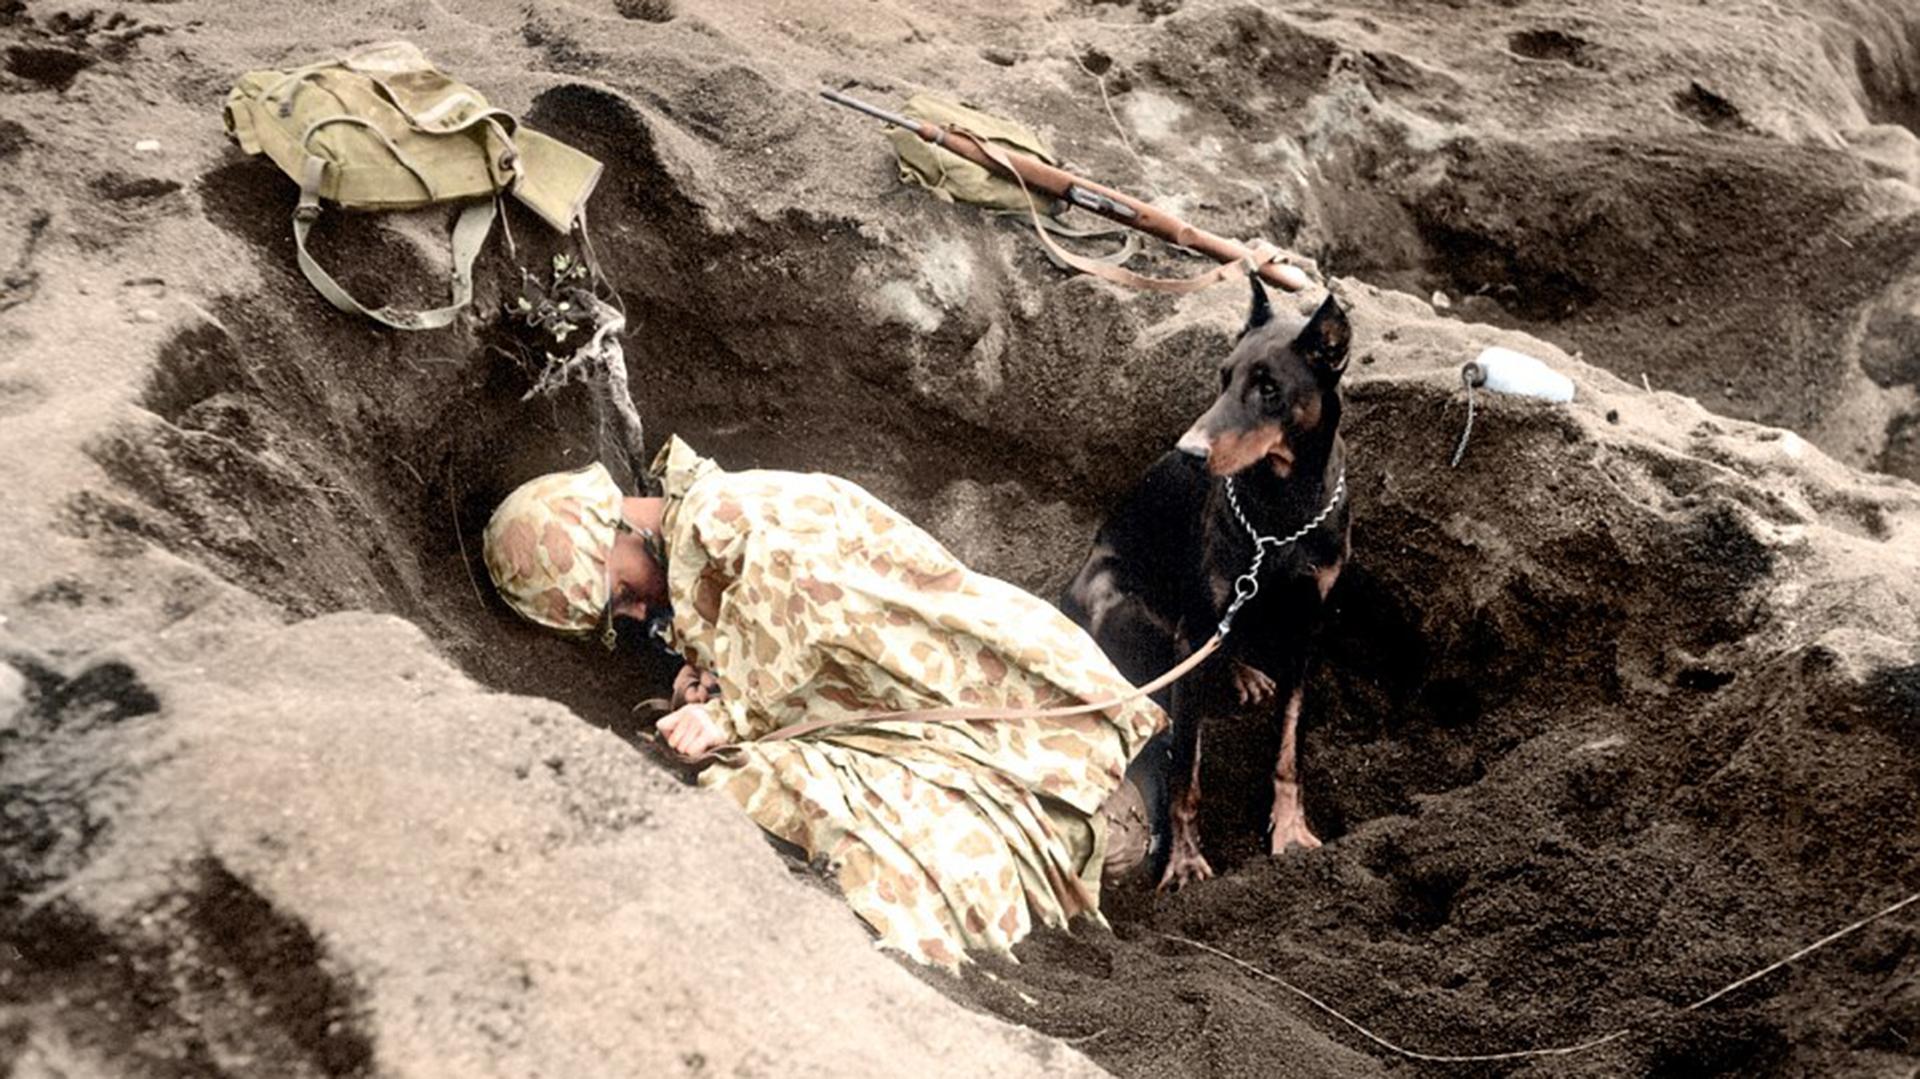 El soldado de primera clase Rez P. Hester duerme mientras su perro Butch hace guardia en Iwo Jima